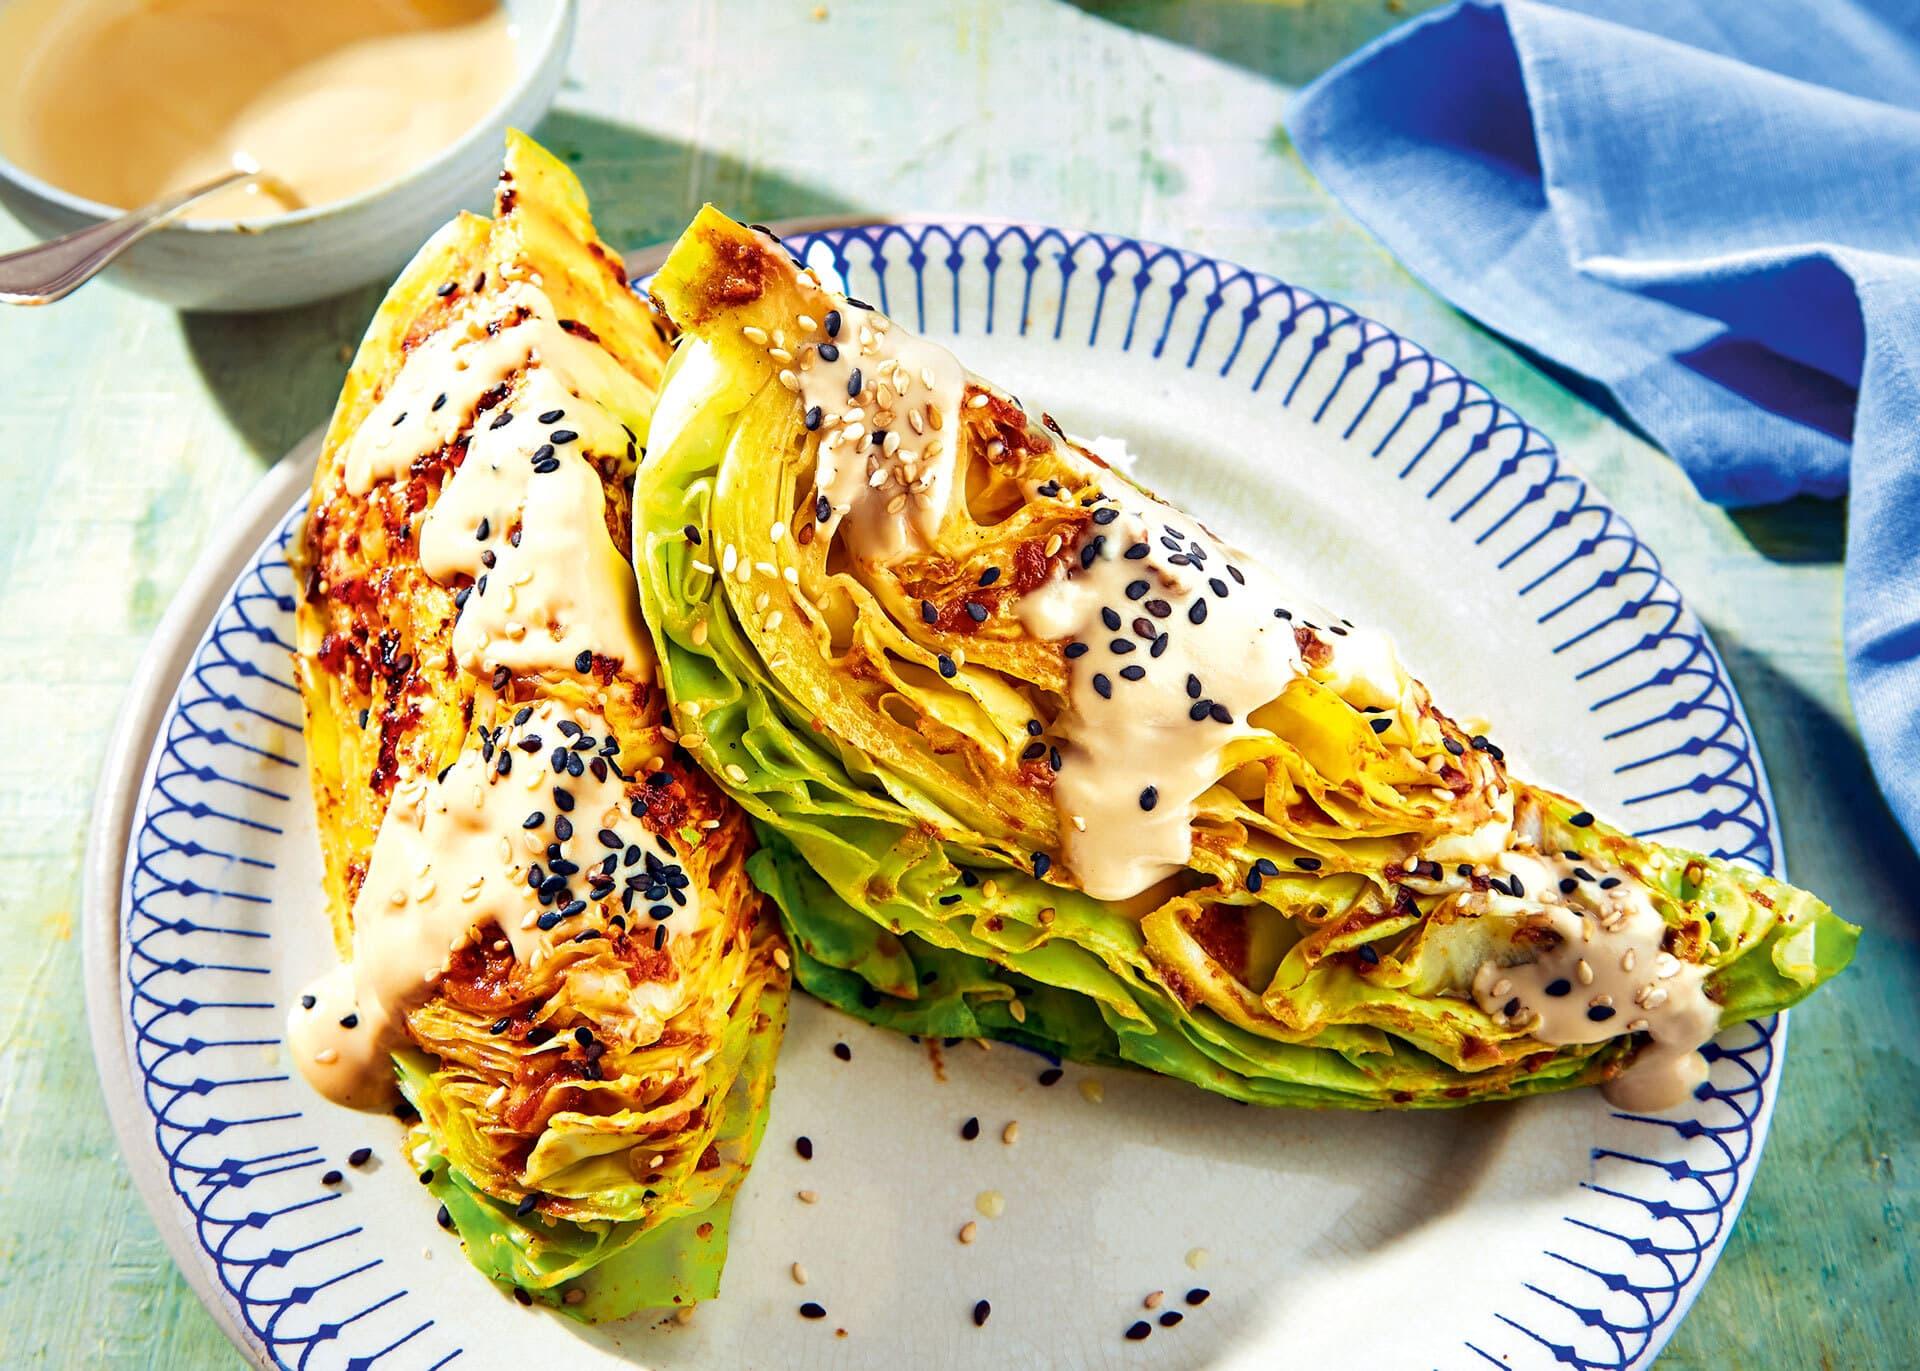 Rauchiger Spitzkohl mit Sesamdressing auf weißem Teller